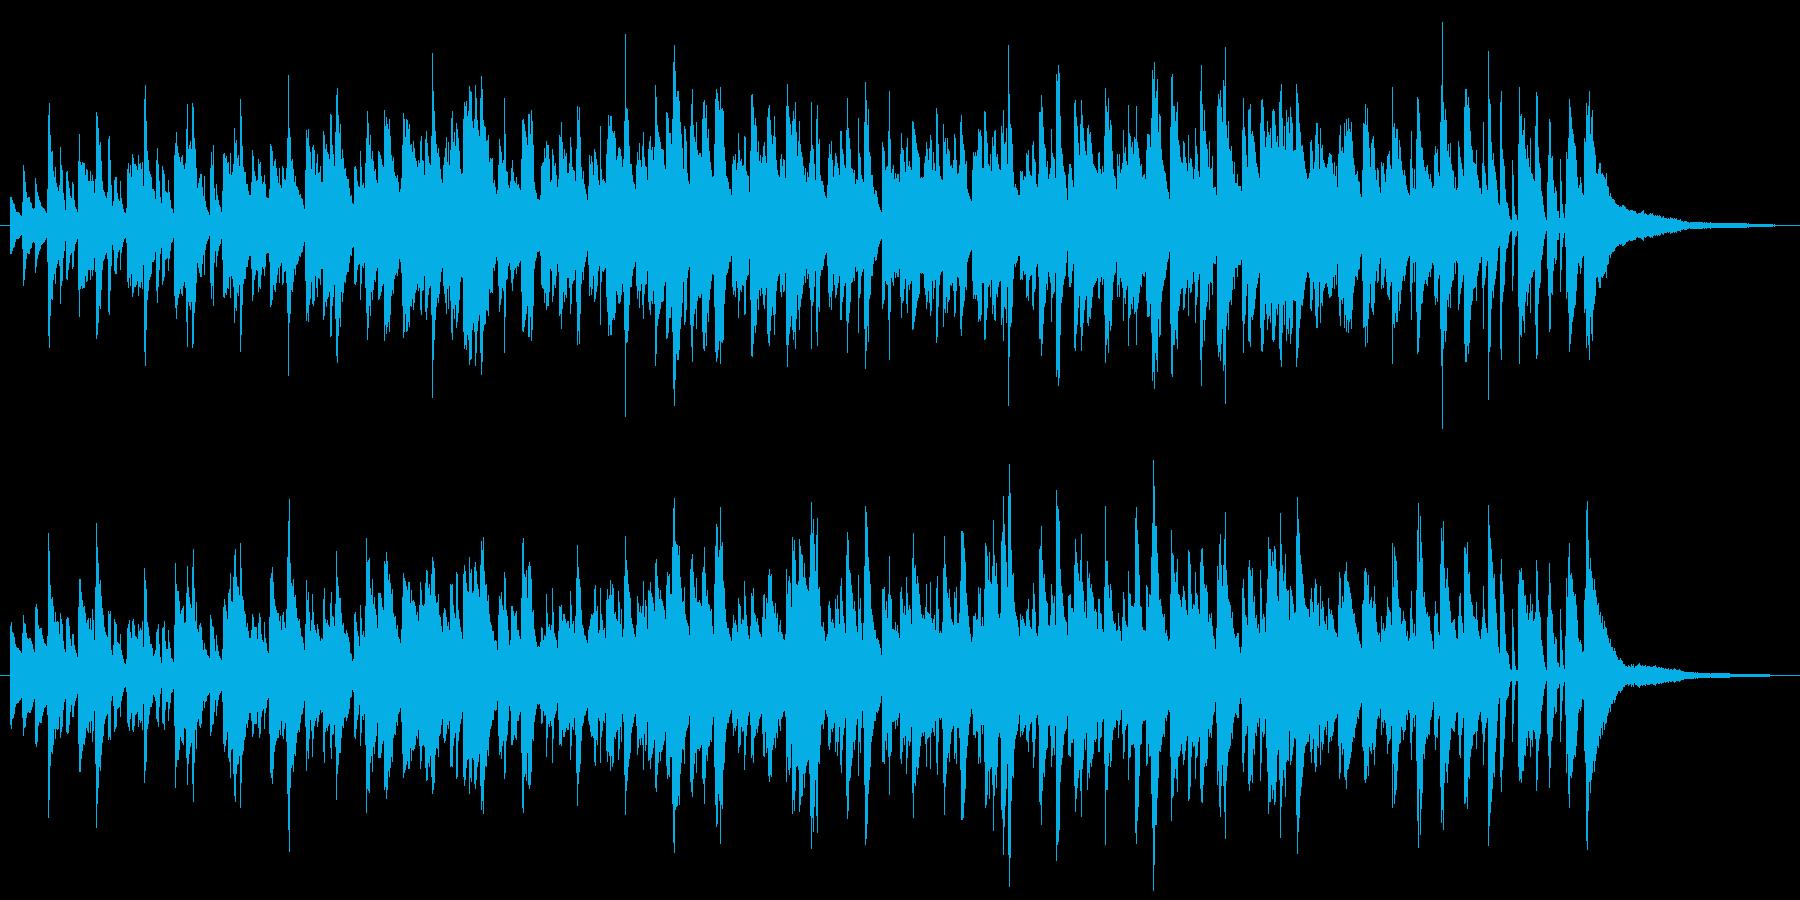 ジャズラウンジ風ボサノバ/ピアノトリオの再生済みの波形